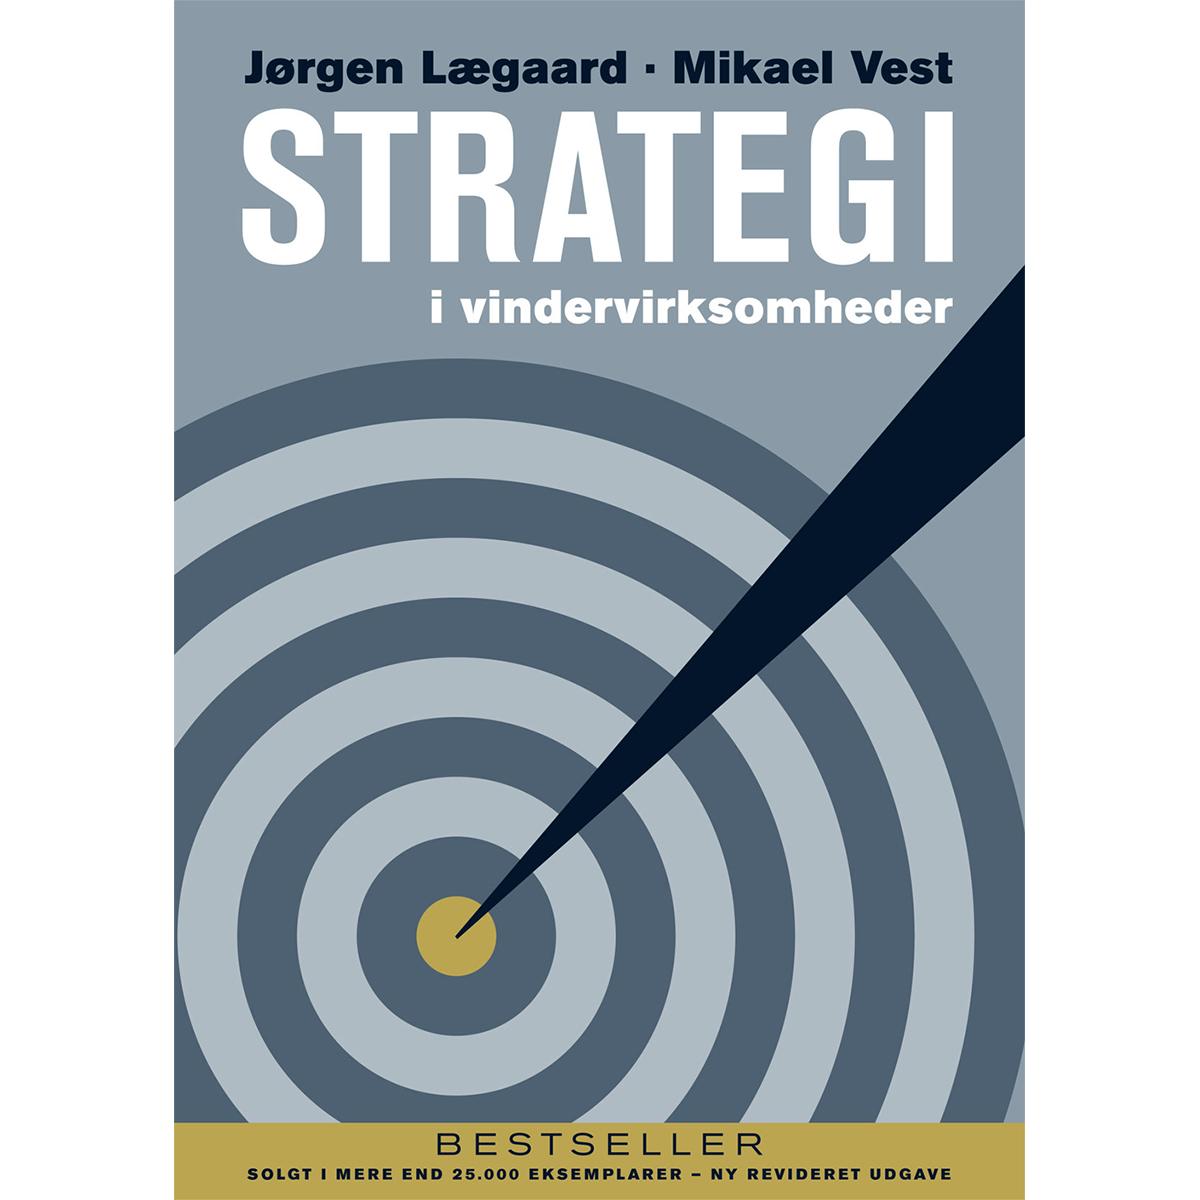 Billede af Strategi i vindervirksomheder - Indbundet